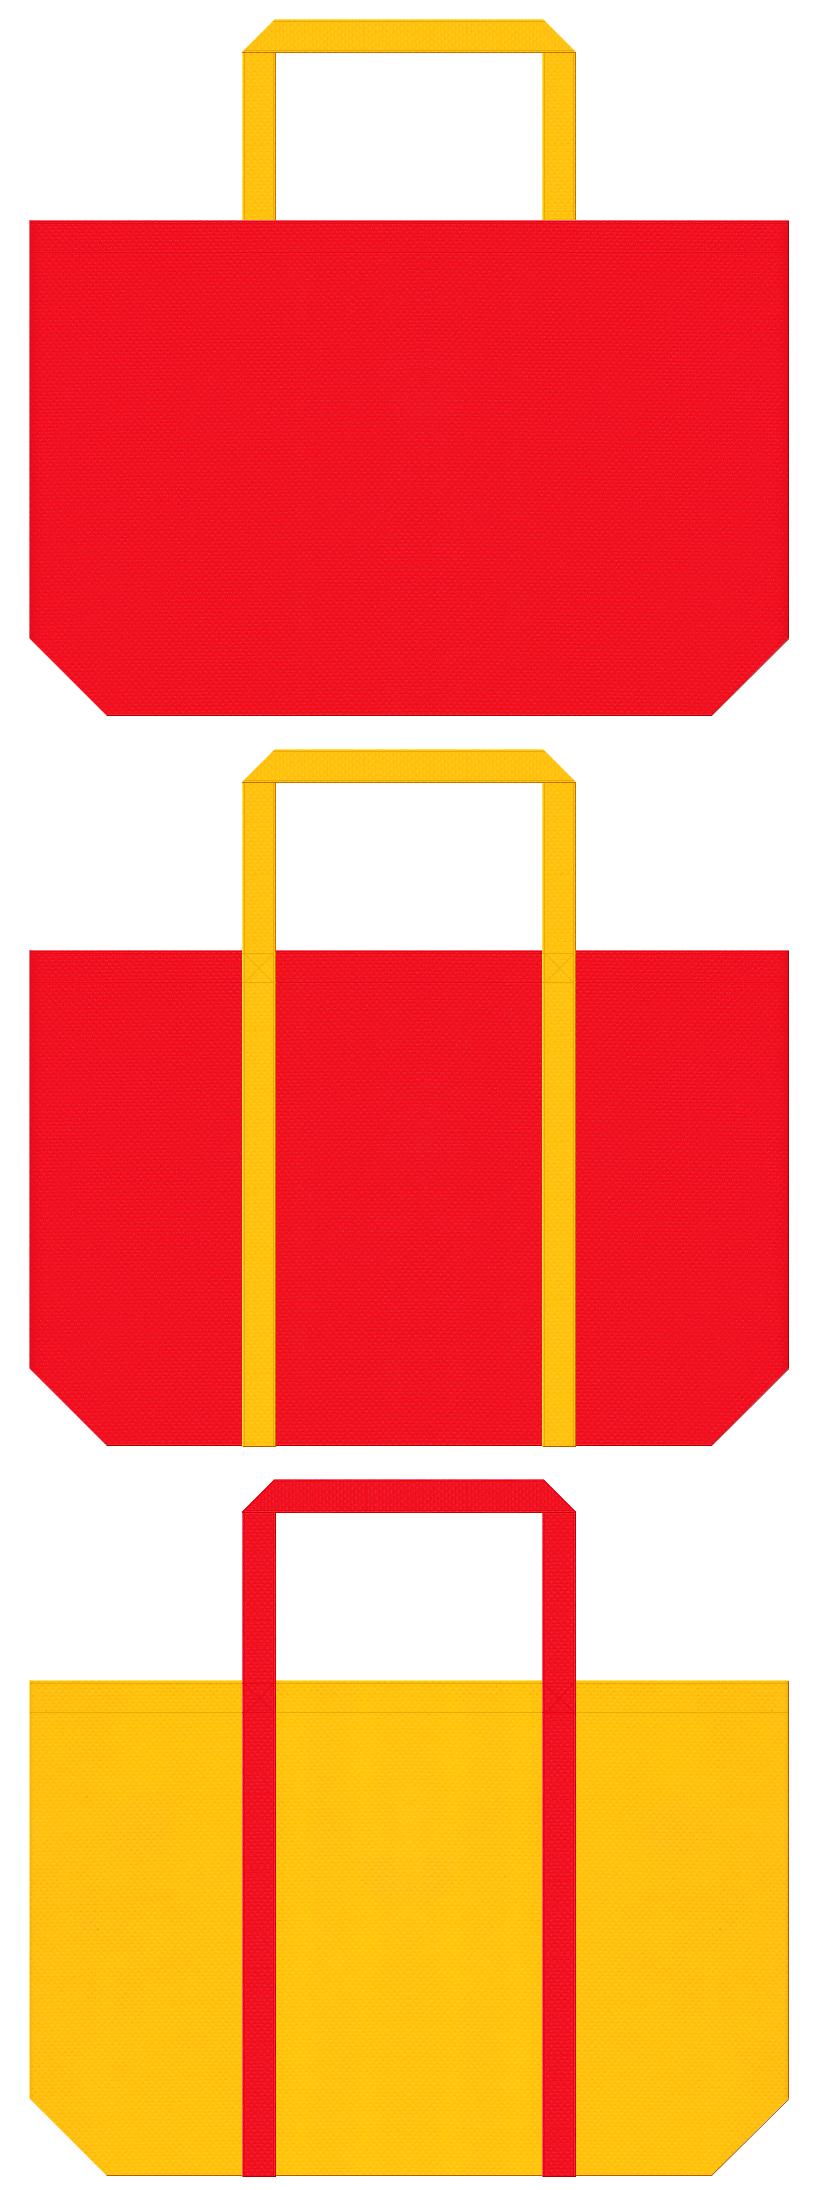 琉球舞踊・アフリカ・カーニバル・サンバ・ピエロ・サーカス・ゲーム・パズル・おもちゃ・テーマパーク・キッズイベントにお奨めの不織布バッグデザイン:赤色と黄色のコーデ